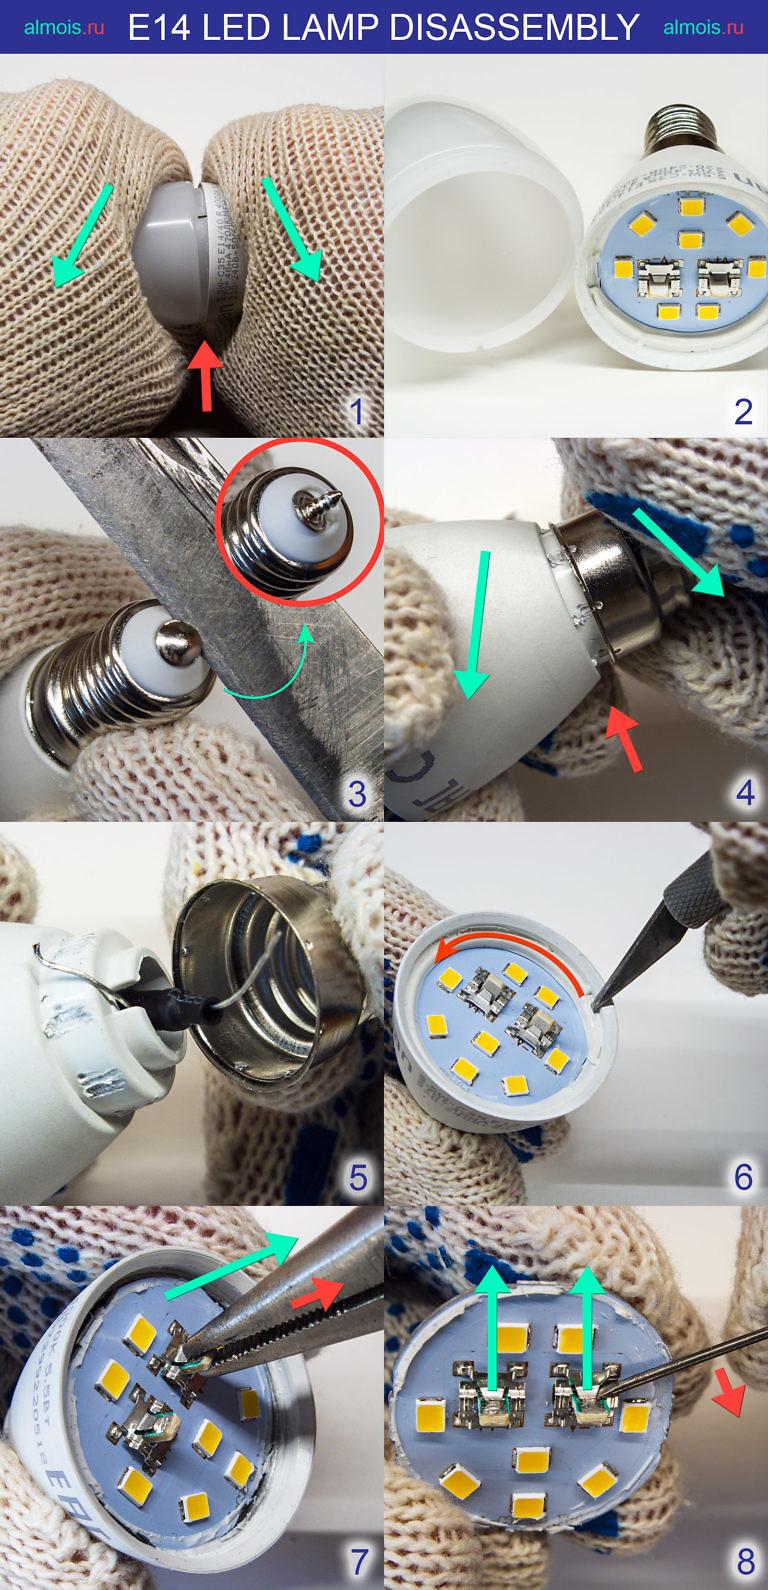 E14 LED lamp disassembly. Разборка, что внутри светодиодной лампы типа миньон от Lexman Леруа Мерлен. Пошаговая инструкция, как отсоединить плафон, извлечь, разобрать